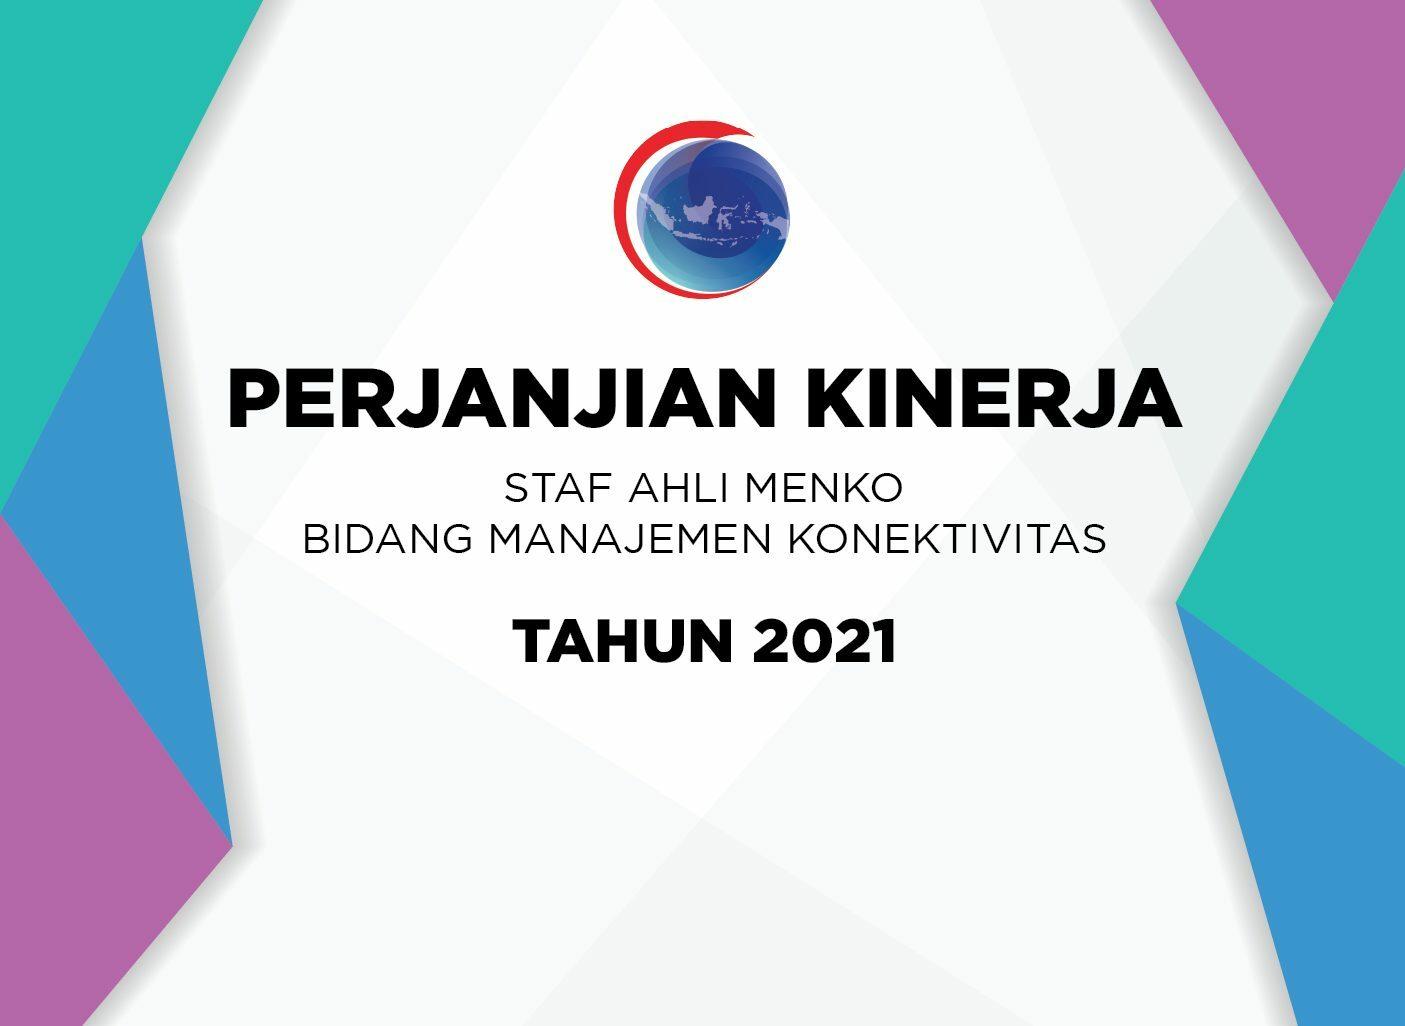 Perjanjian Kinerja Staf Ahli Menko Bidang Manajemen Konektivitas Tahun 2021